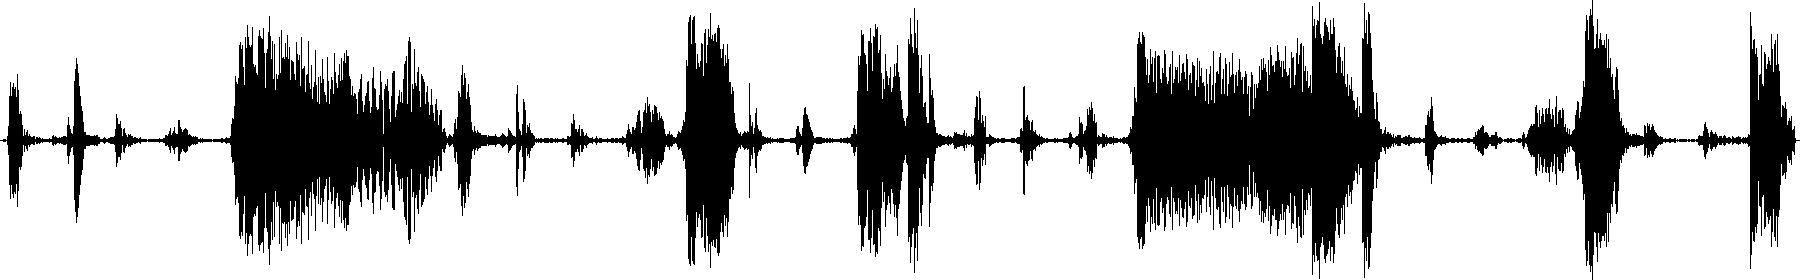 guitarfunk19 120